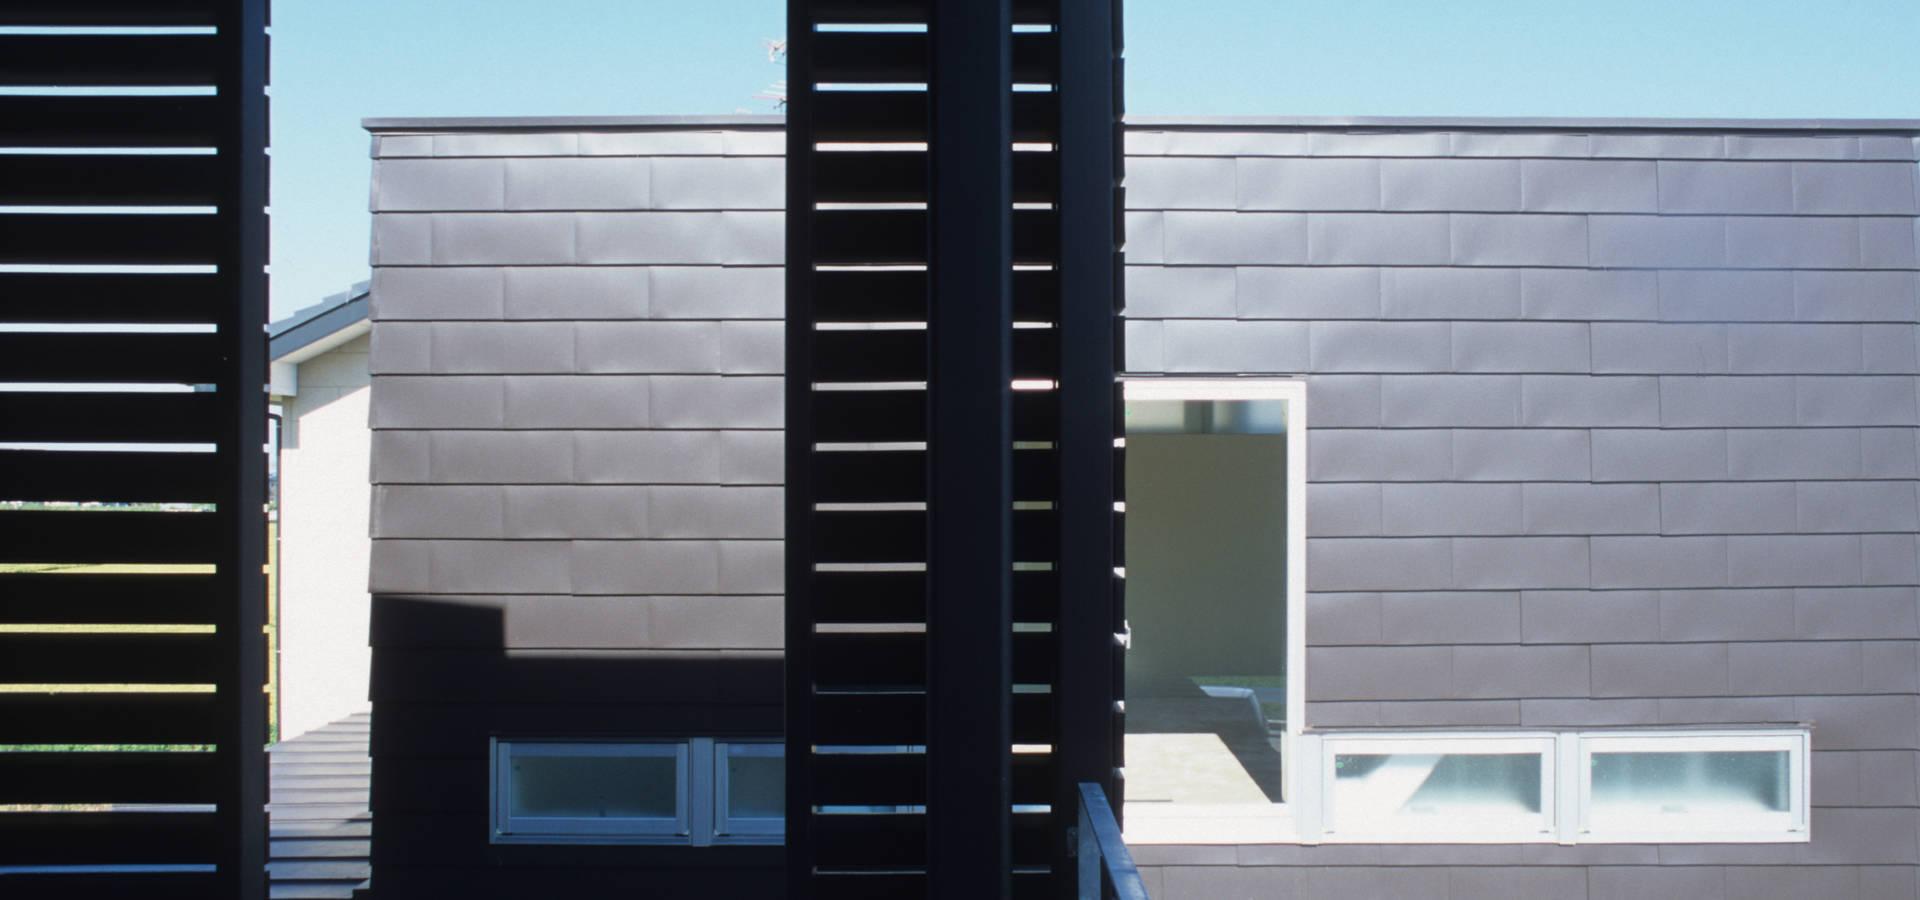 Future-scape Architects